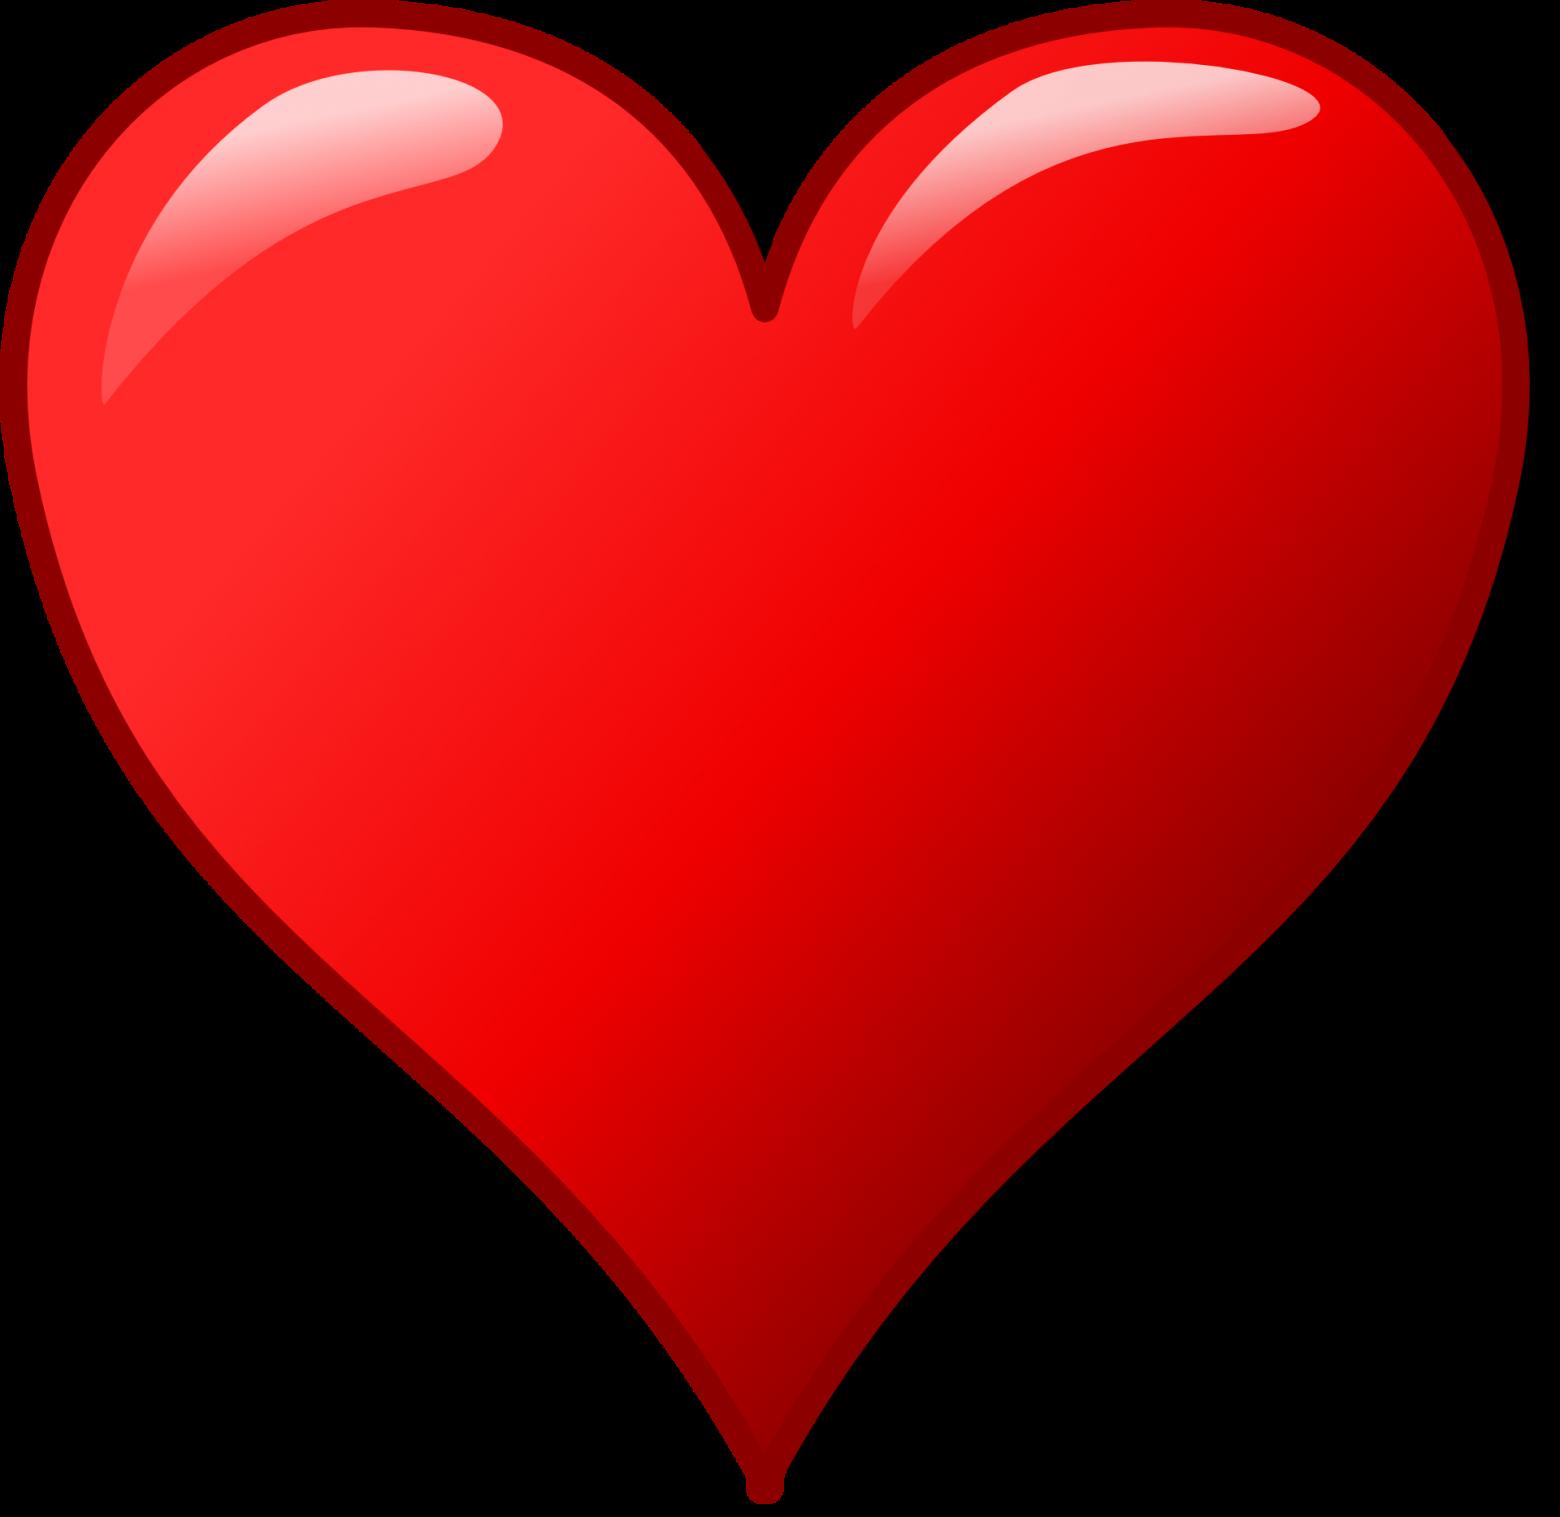 Coeur clipart images gratuites images gratuites et - Image de coeur gratuit ...